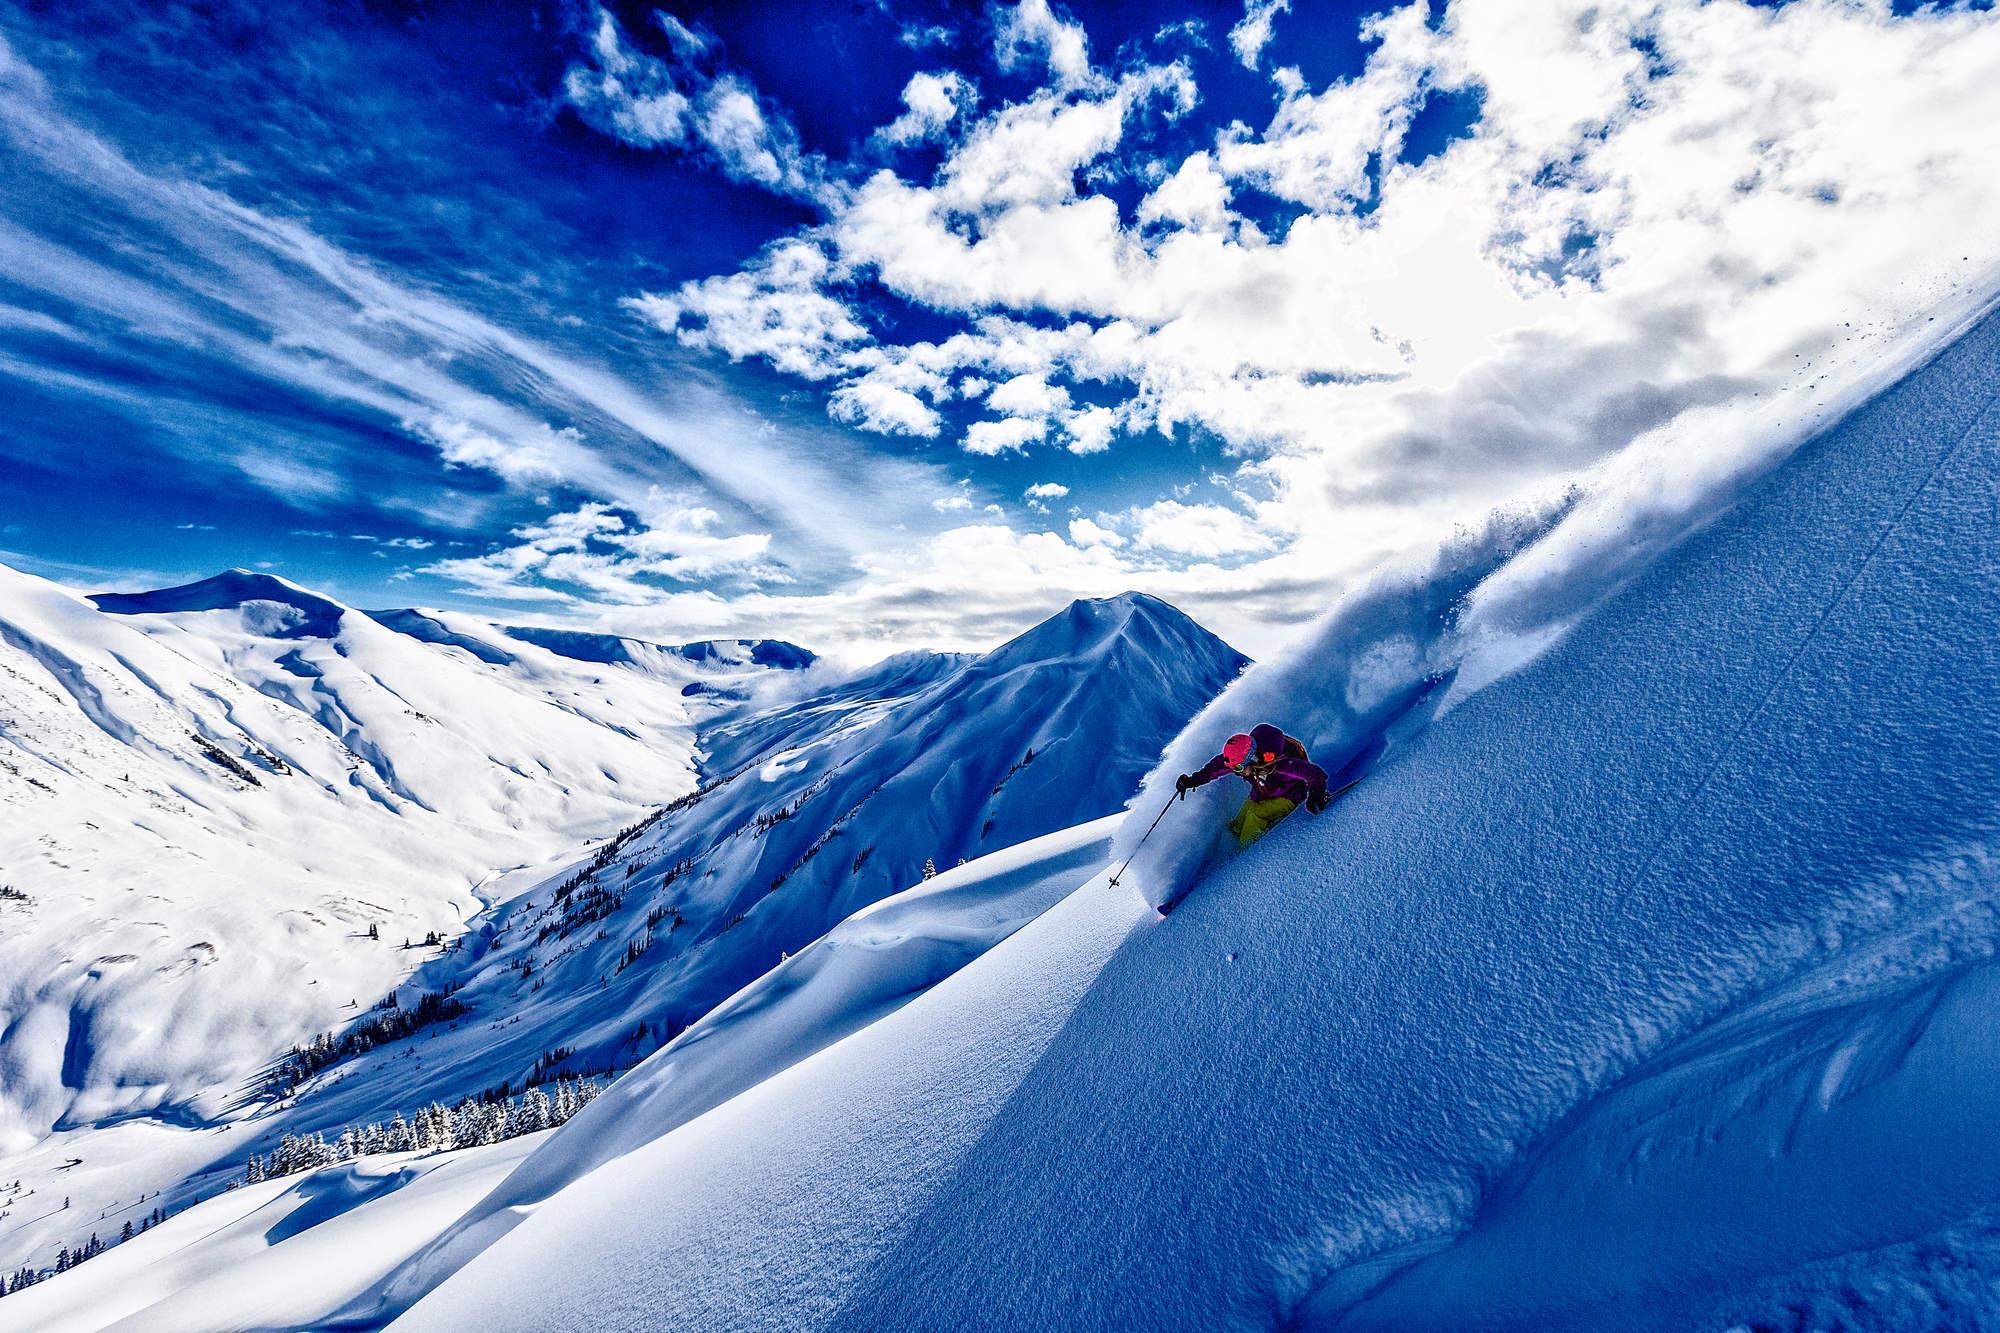 3 Heli Skiing Alpine